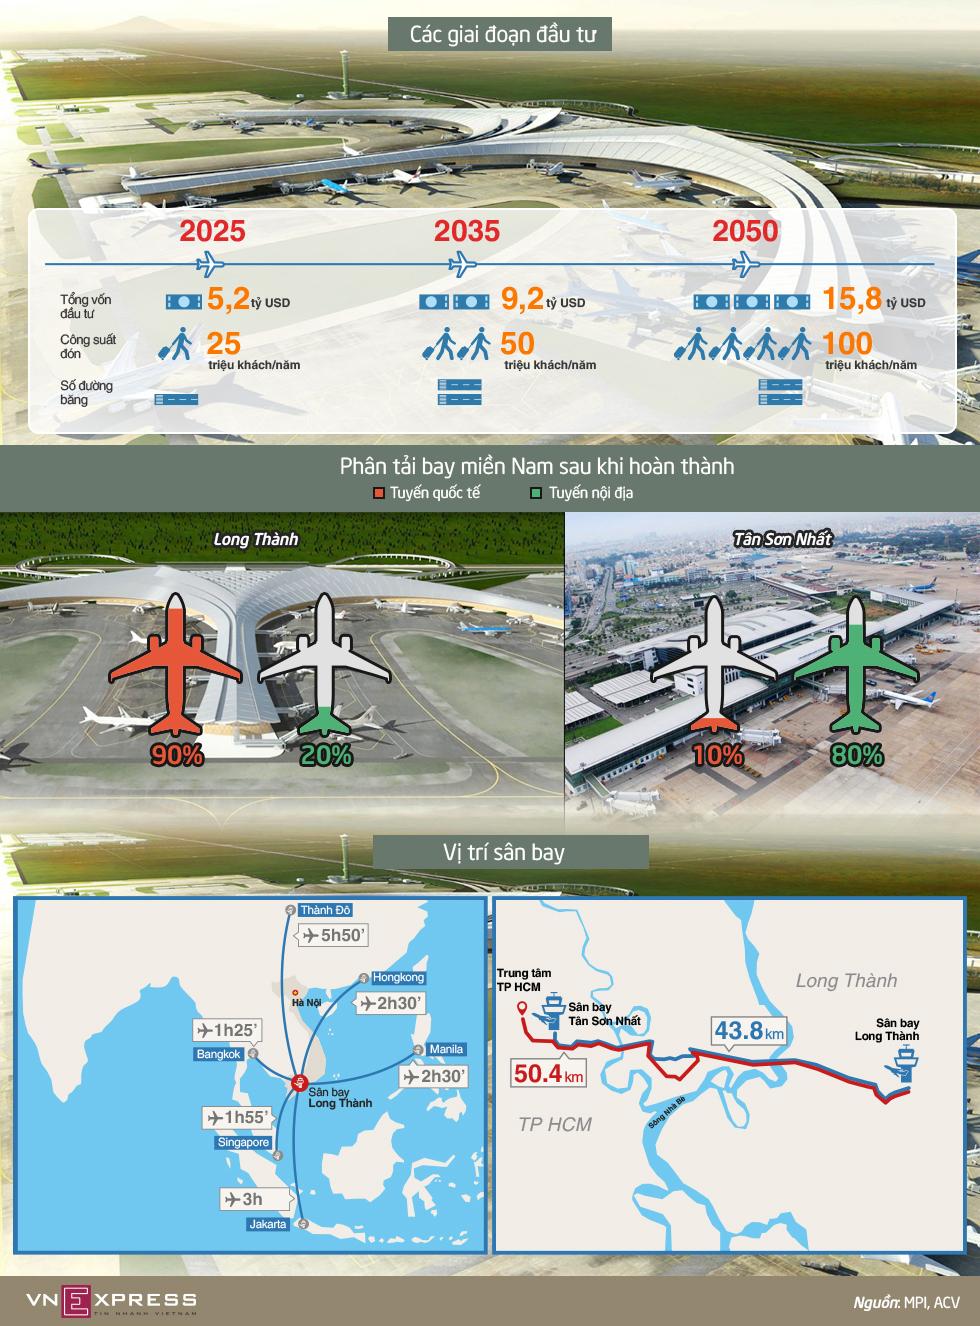 Toàn cảnh siêu dự án sân bay Long Thành